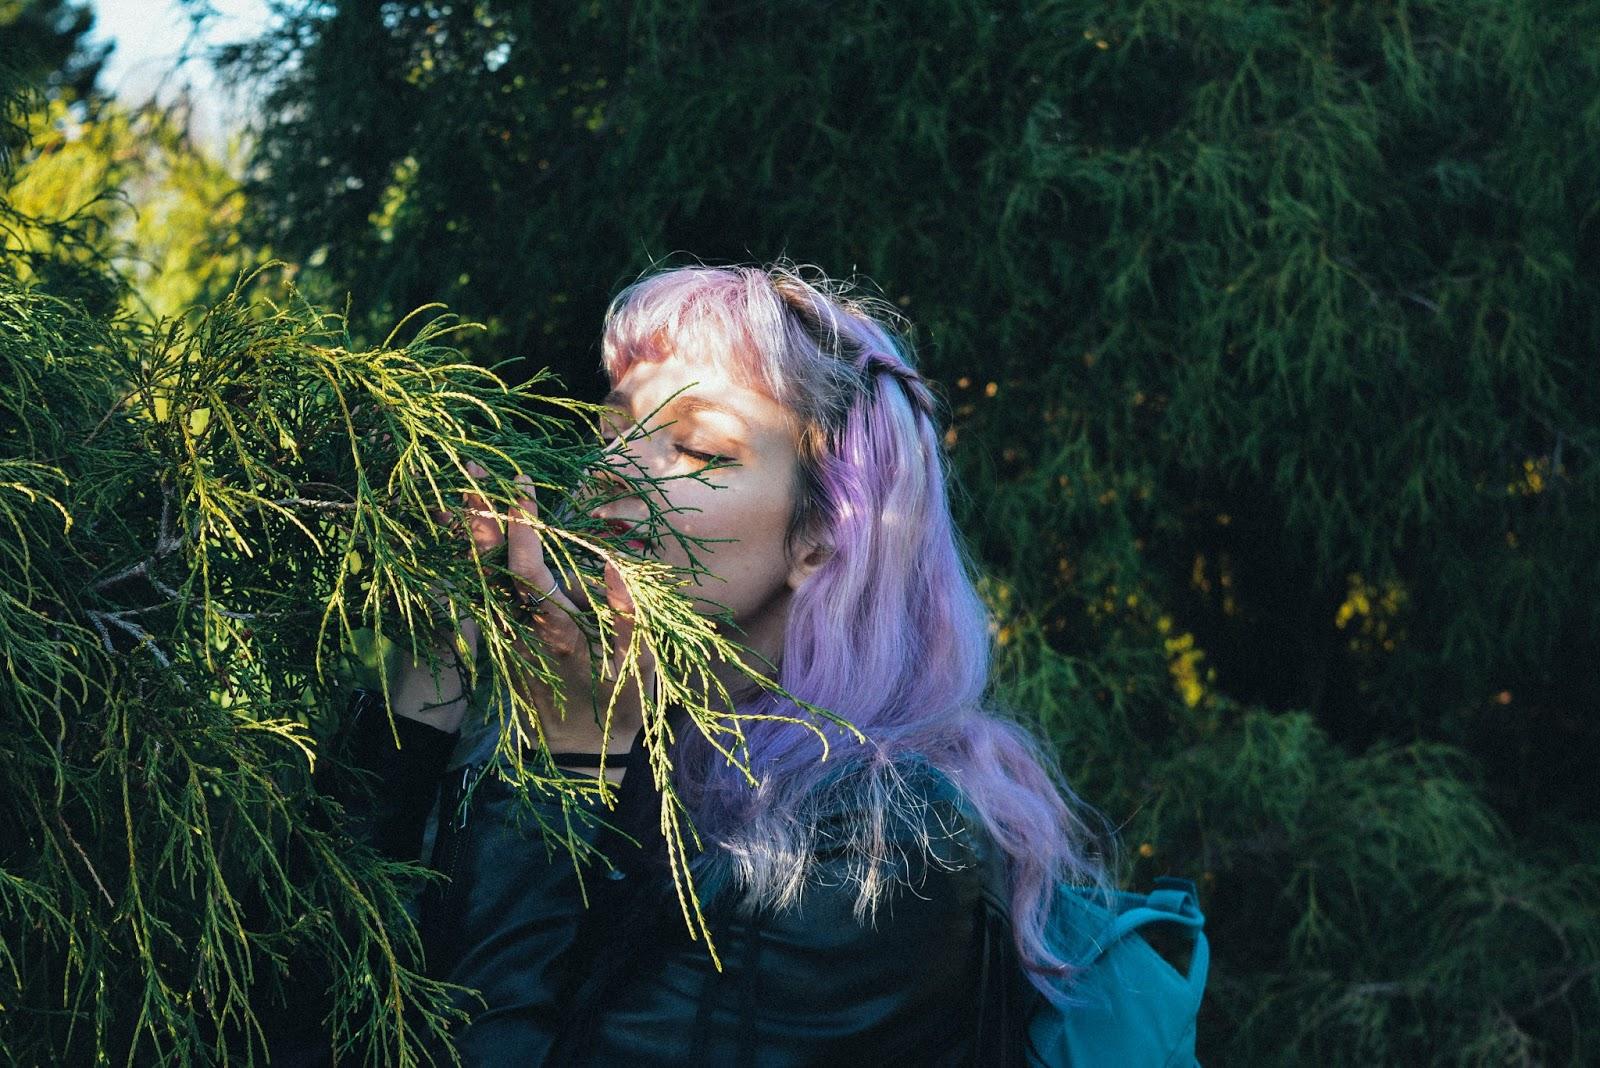 Plant lover - mooshinefaerie